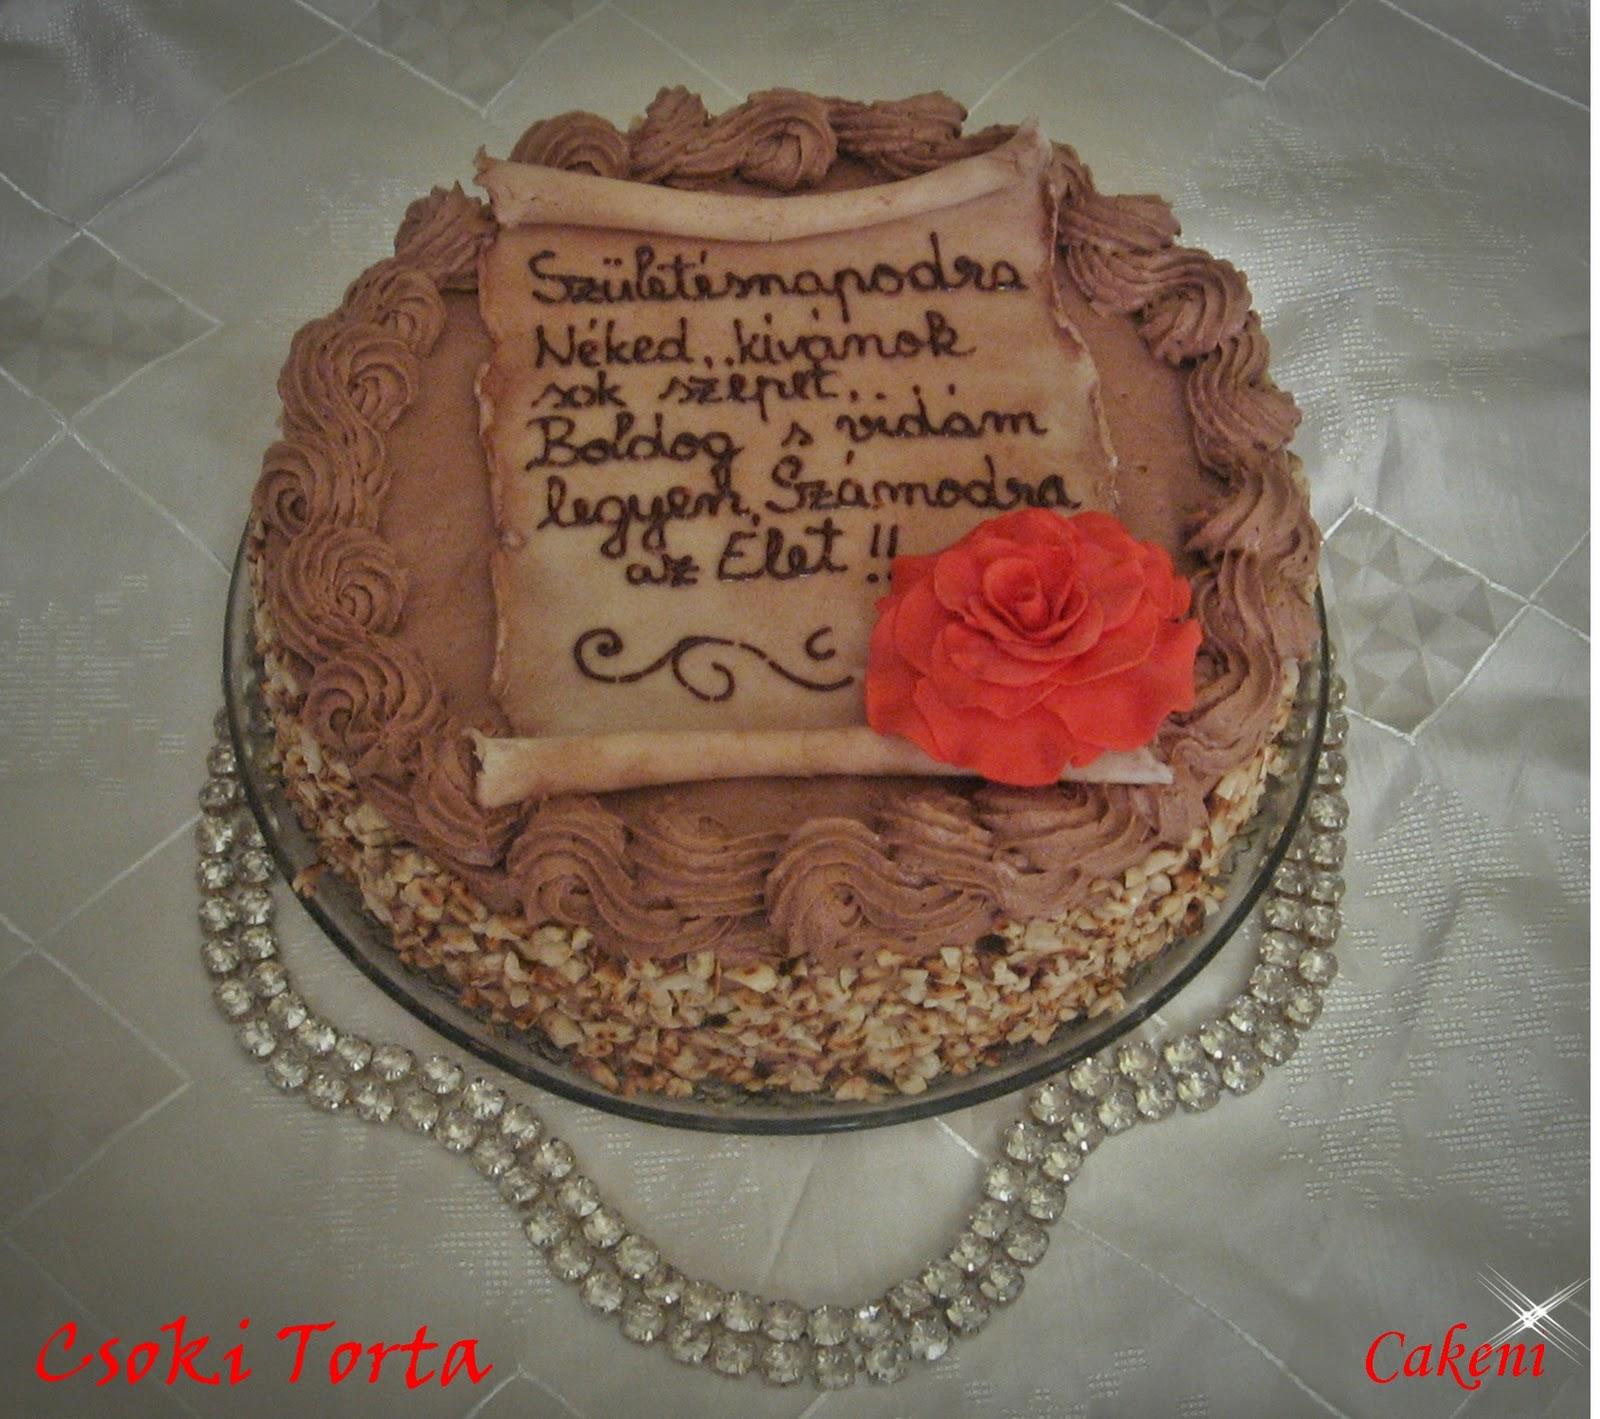 szülinapi torta barátnőnek Kreativ Torta: Csoki torta szülinapi torta barátnőnek